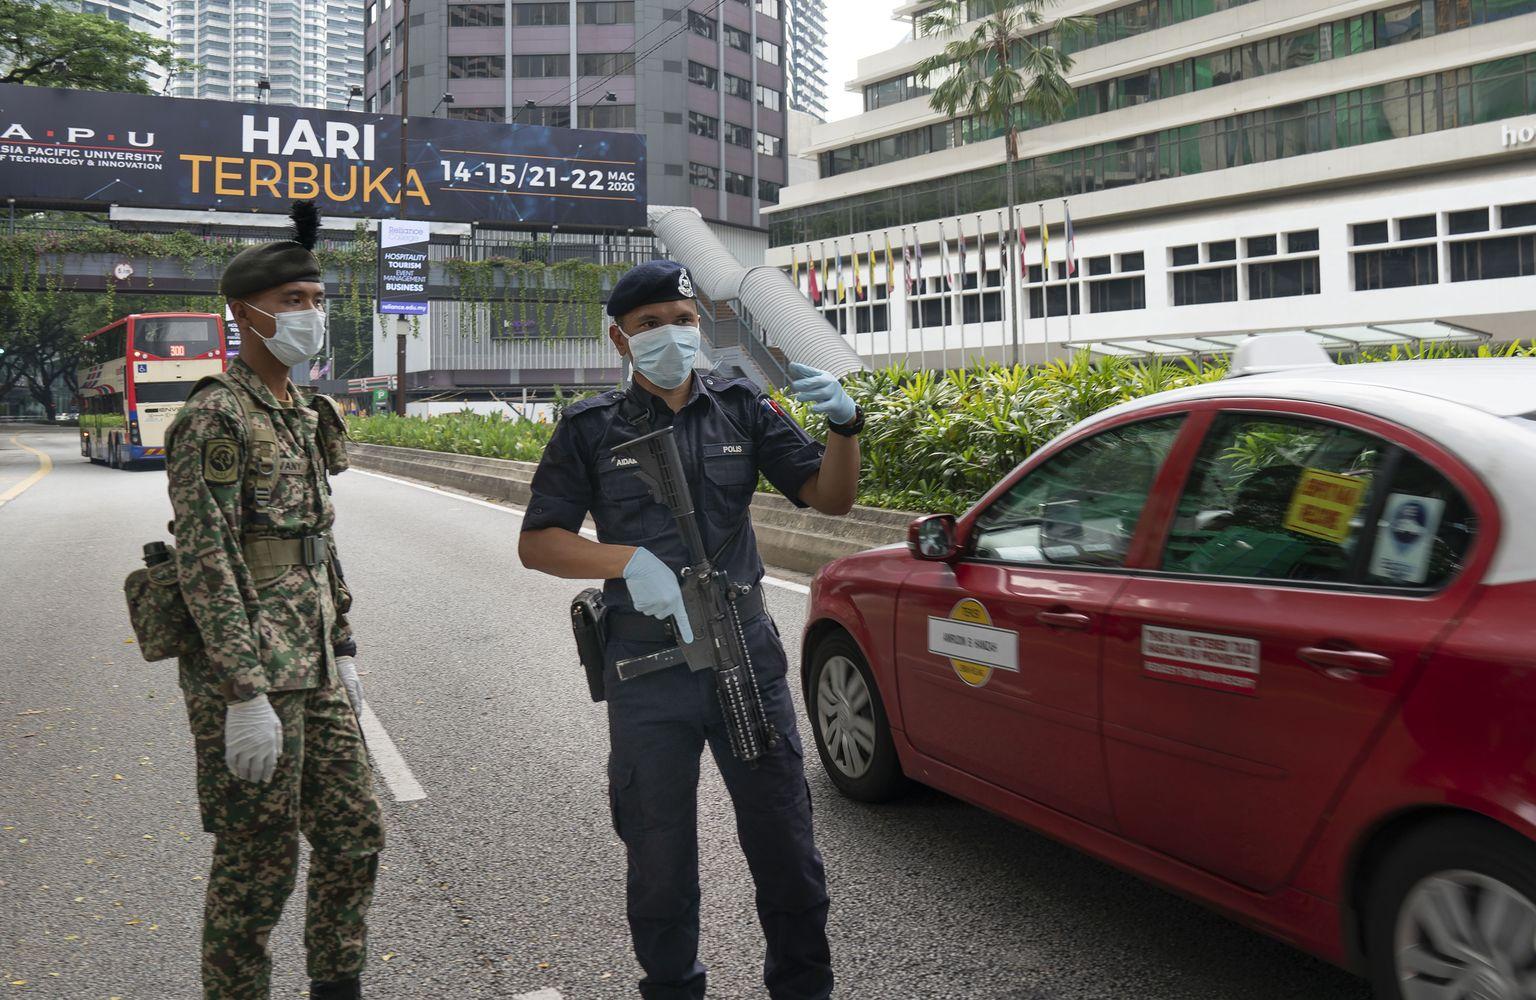 馬來西亞實施實施鎖國 犯罪率降7成 | 多倫多 | 加拿大中文新聞網 - 加拿大星島日報 Canada Chinese News